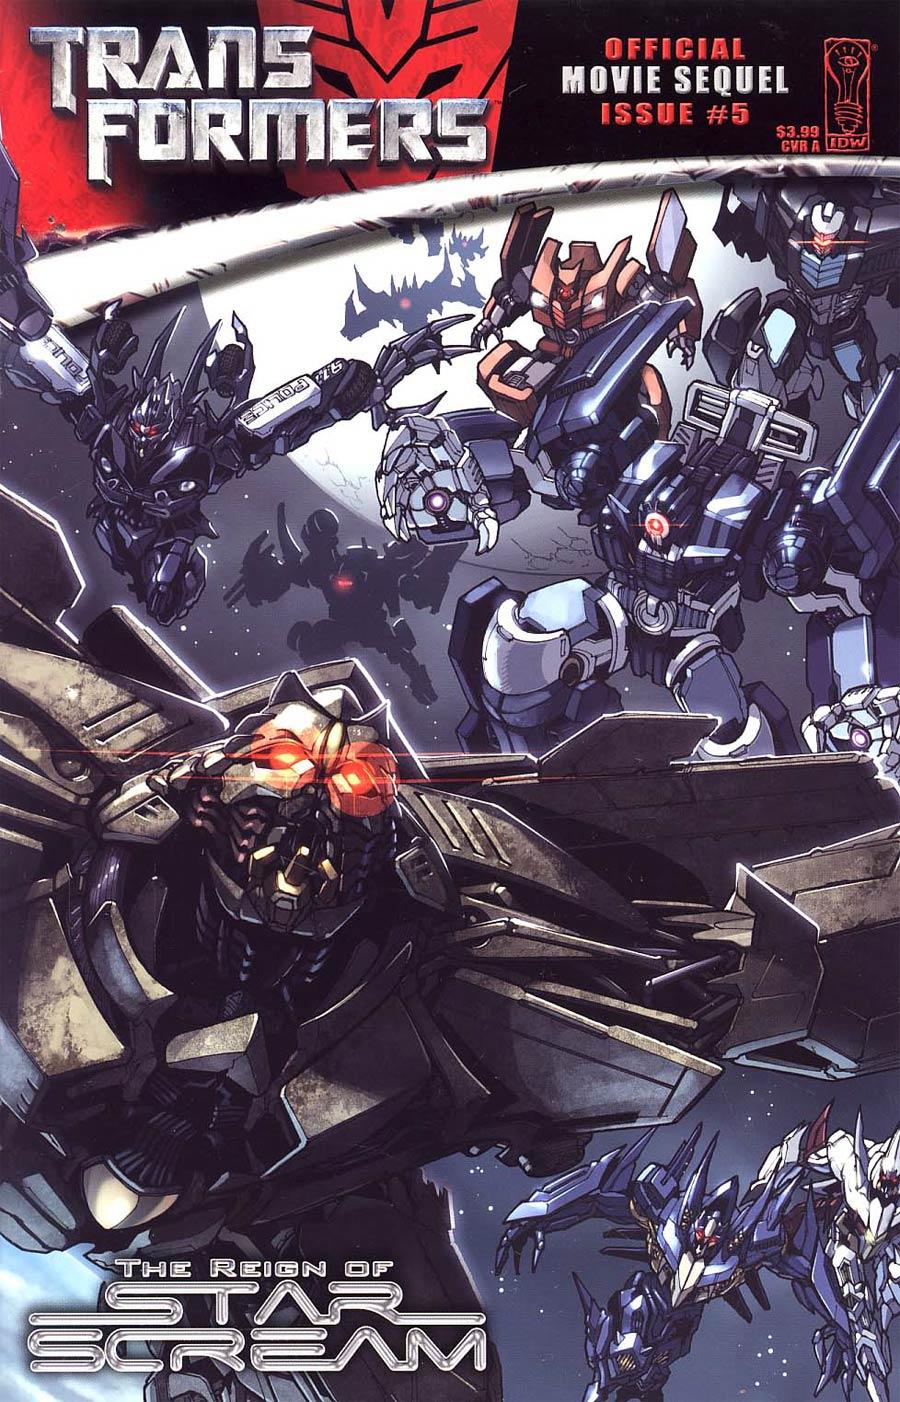 Transformers Movie Sequel Reign Of Starscream #5 Cover A Regular Alex Milne Cover